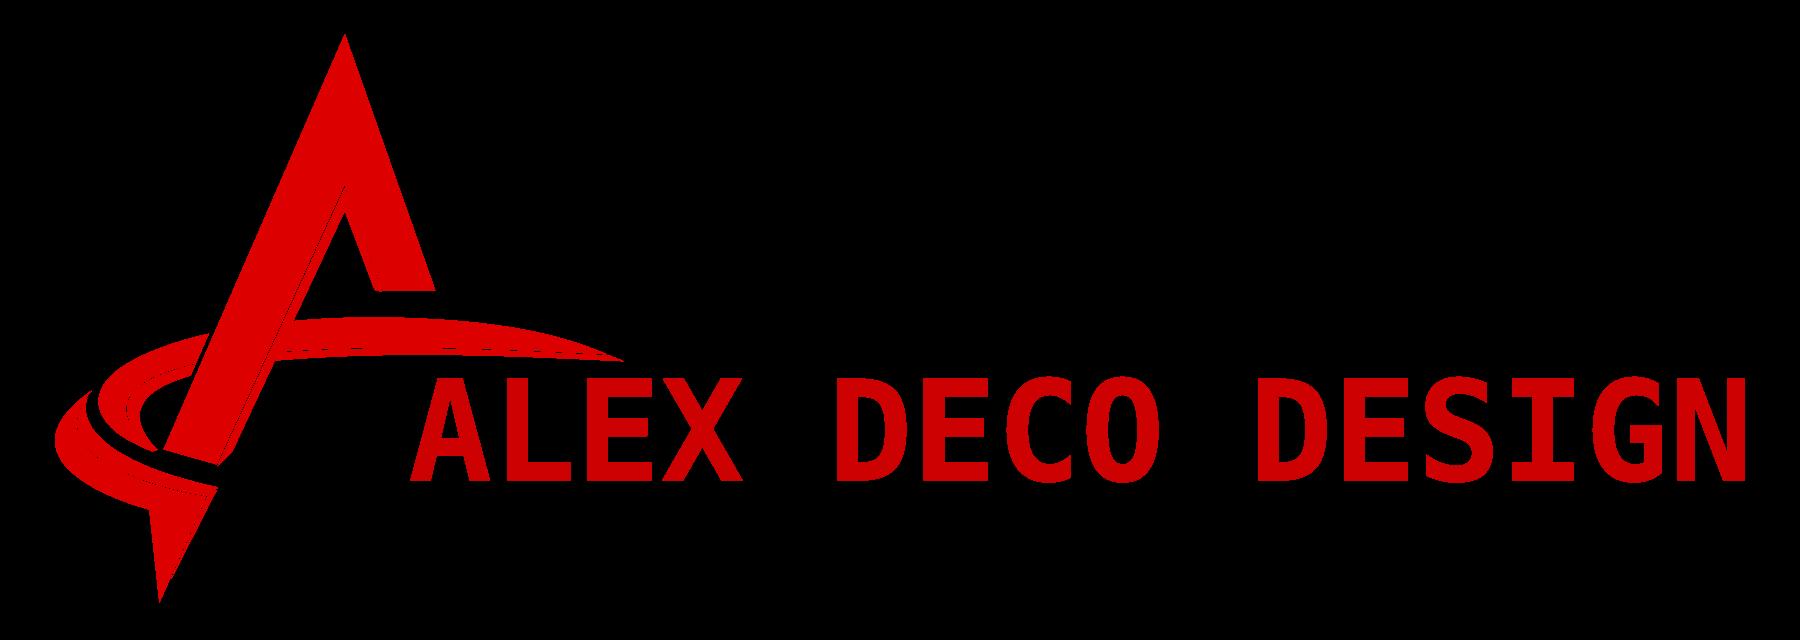 Alex Deco Design